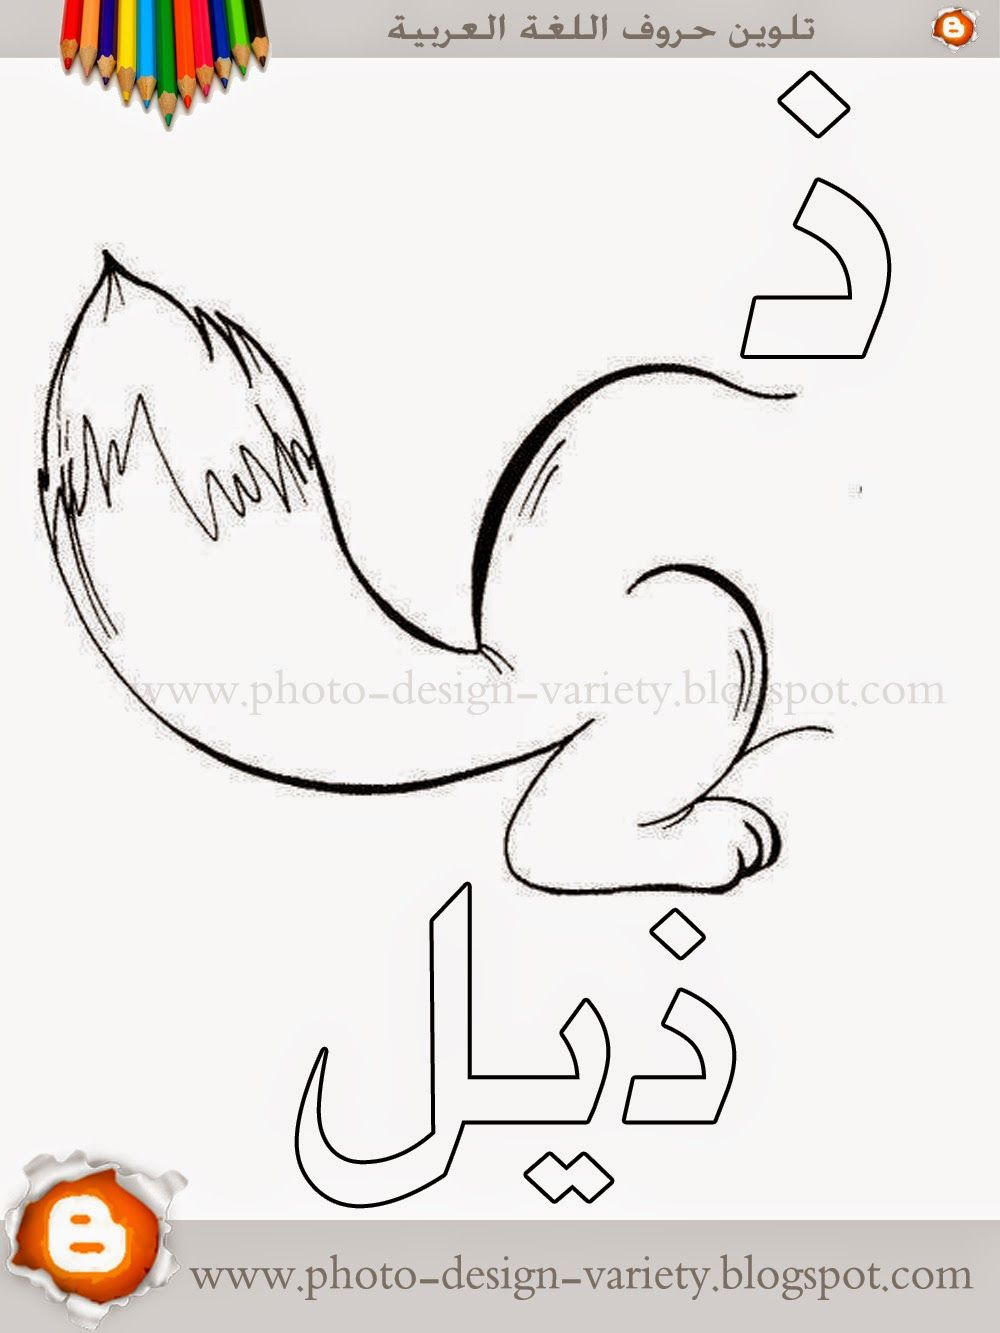 ألبومات صور منوعة البوم تلوين صور حروف هجاء اللغة العربية مع الأمثلة Learn Arabic Alphabet Alphabet Preschool Arabic Alphabet